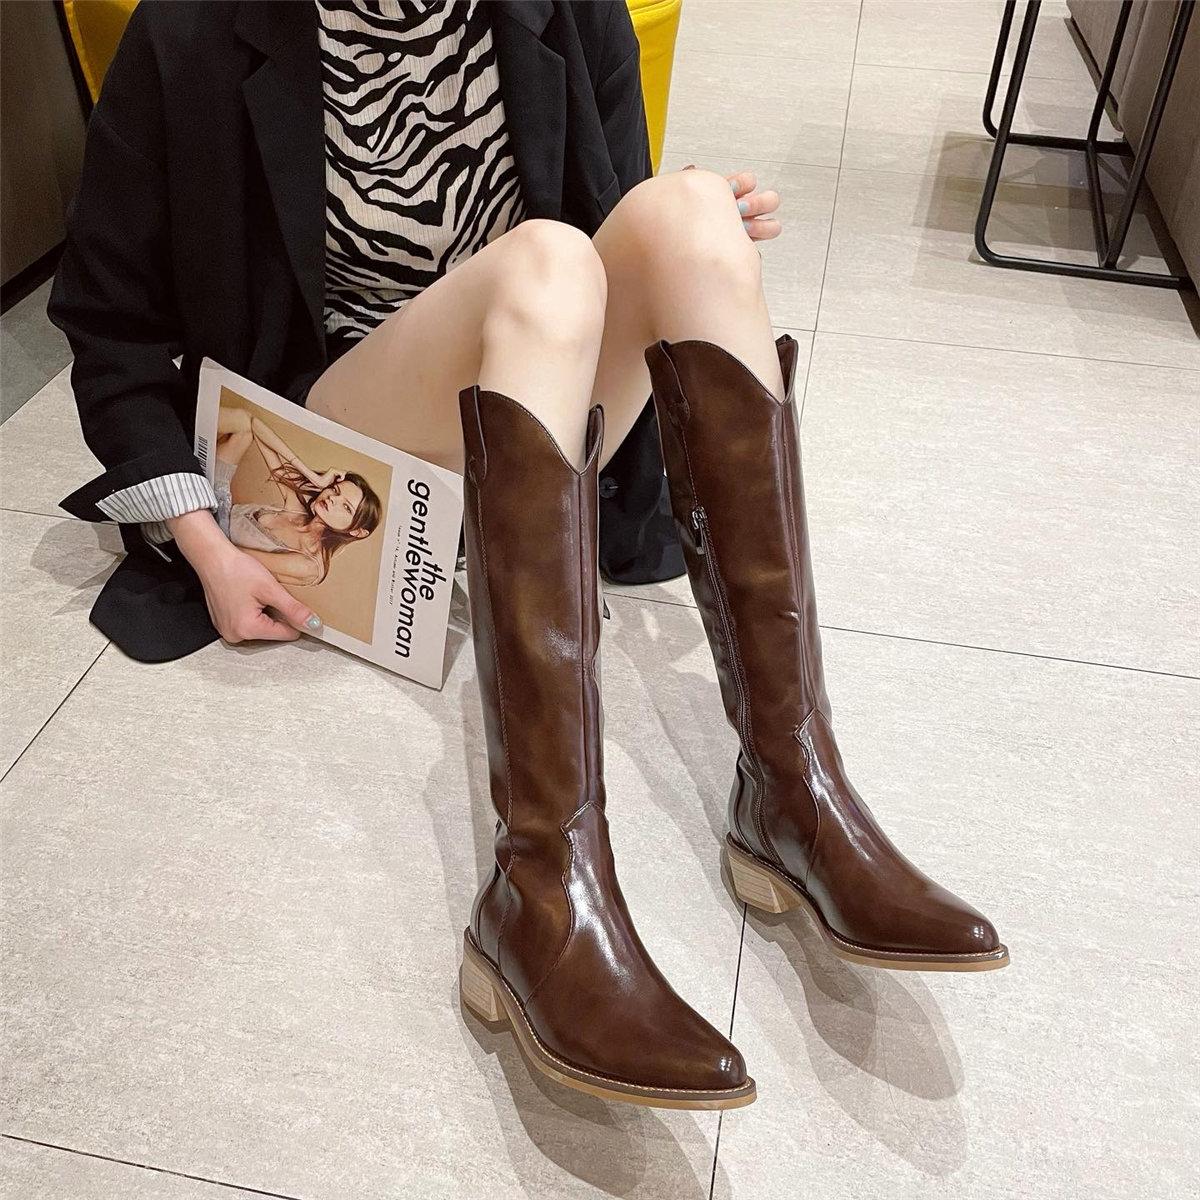 「鞋阅」西部牛仔靴长靴尖头粗跟女单靴网红长筒靴不过膝骑士靴